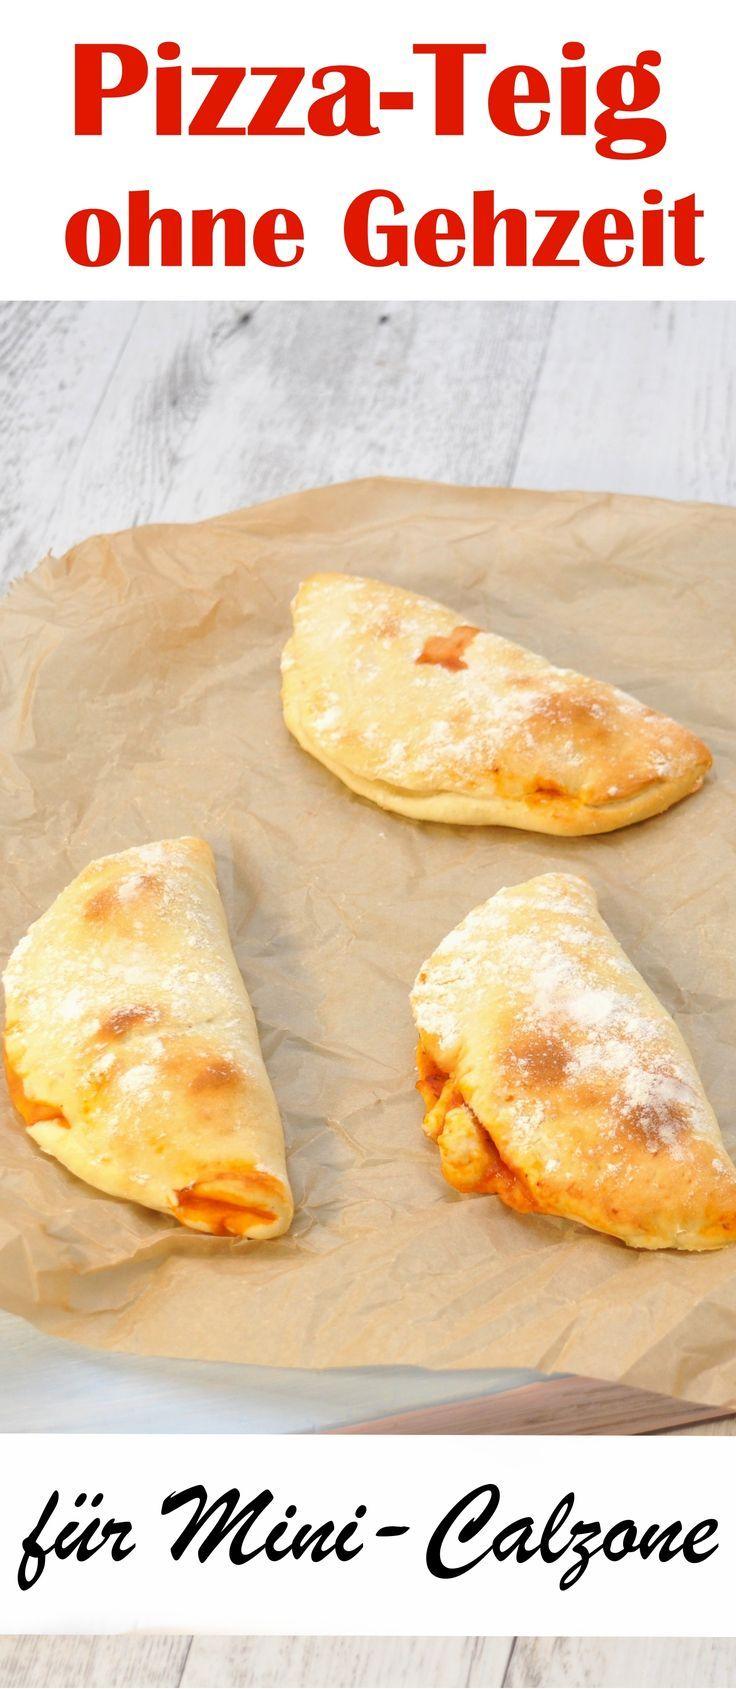 Mini-Calzone. Mit Ruck-Zuck-Pizzateig.